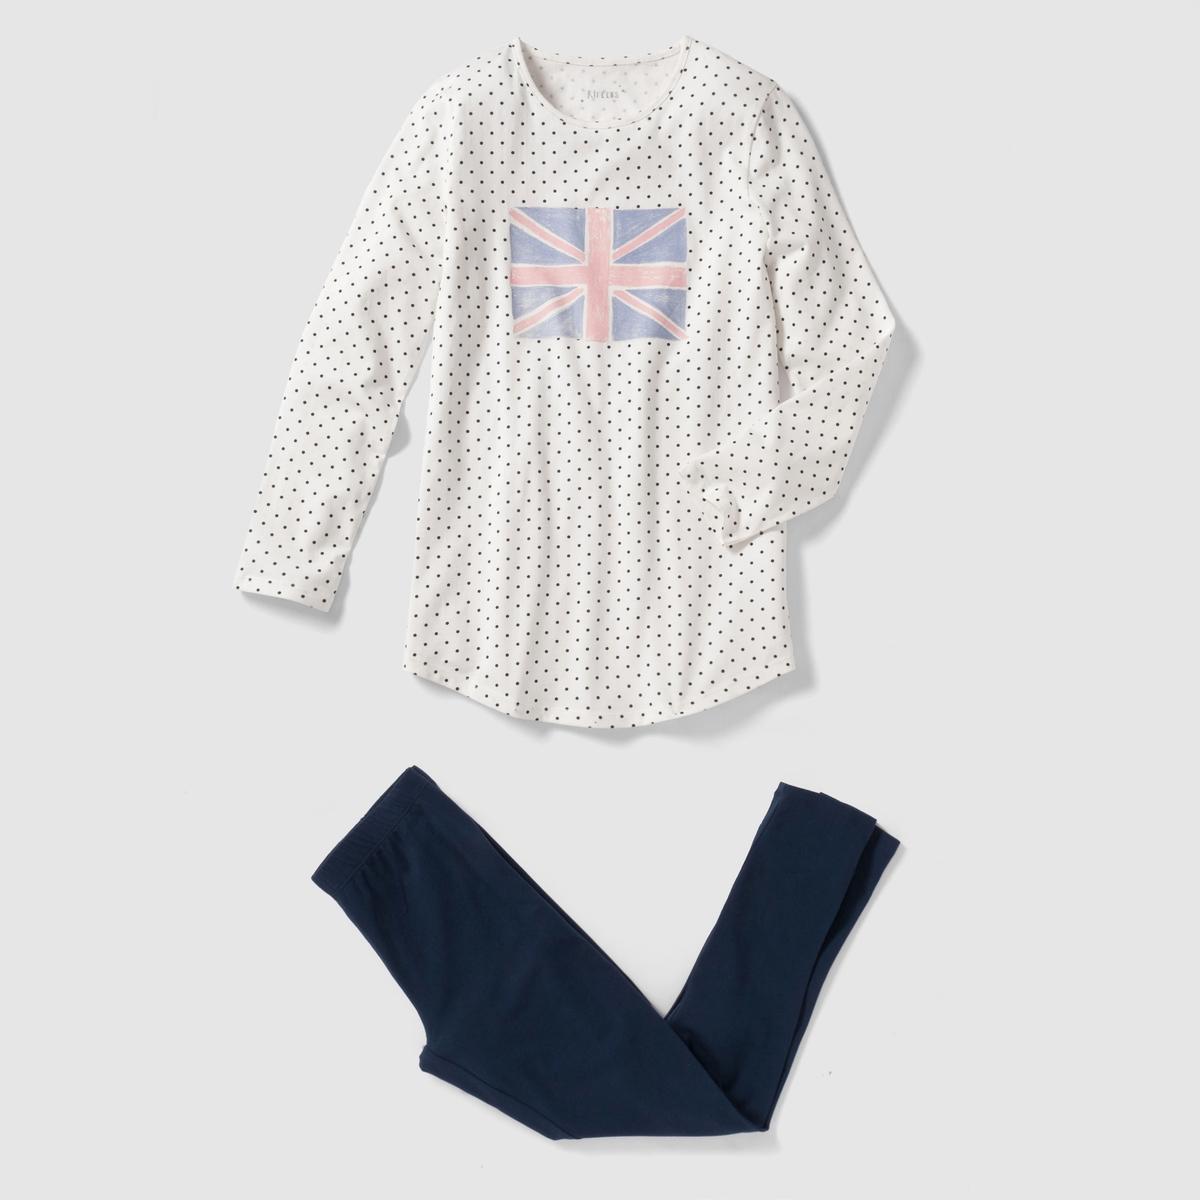 Пижама из ночной рубашки и леггинсов, 10-16 лет